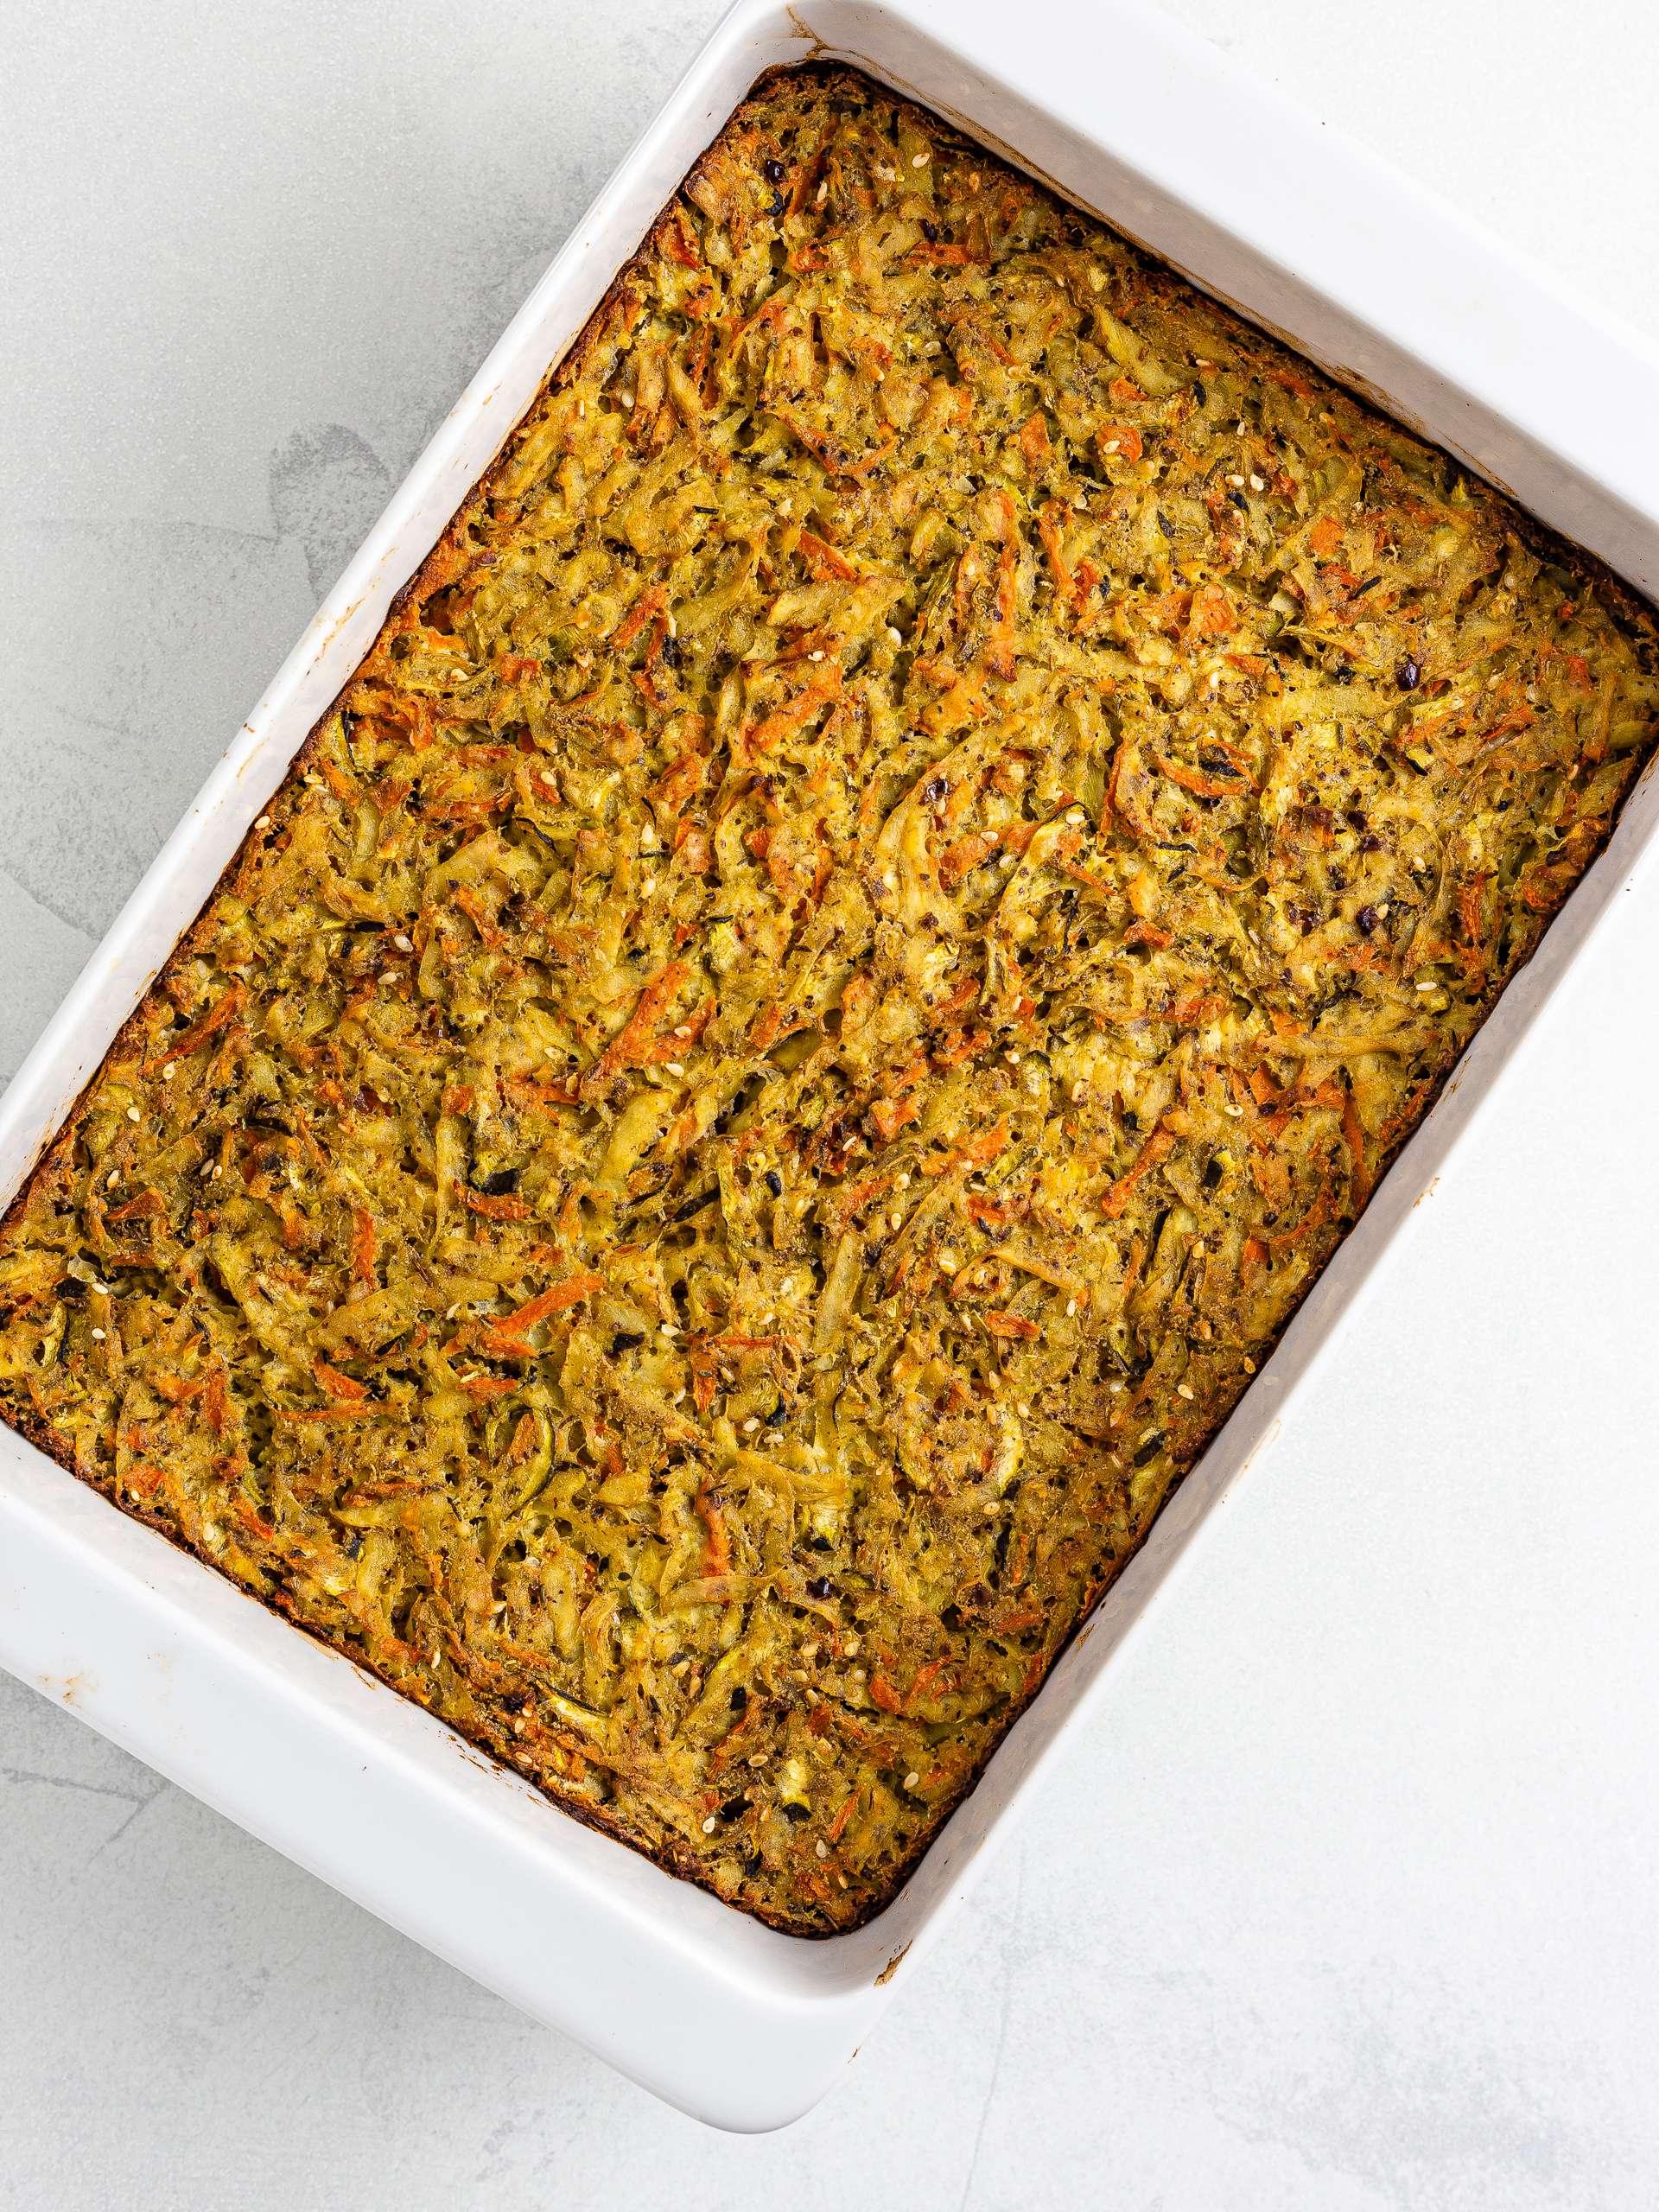 oven-baked vegan kugel